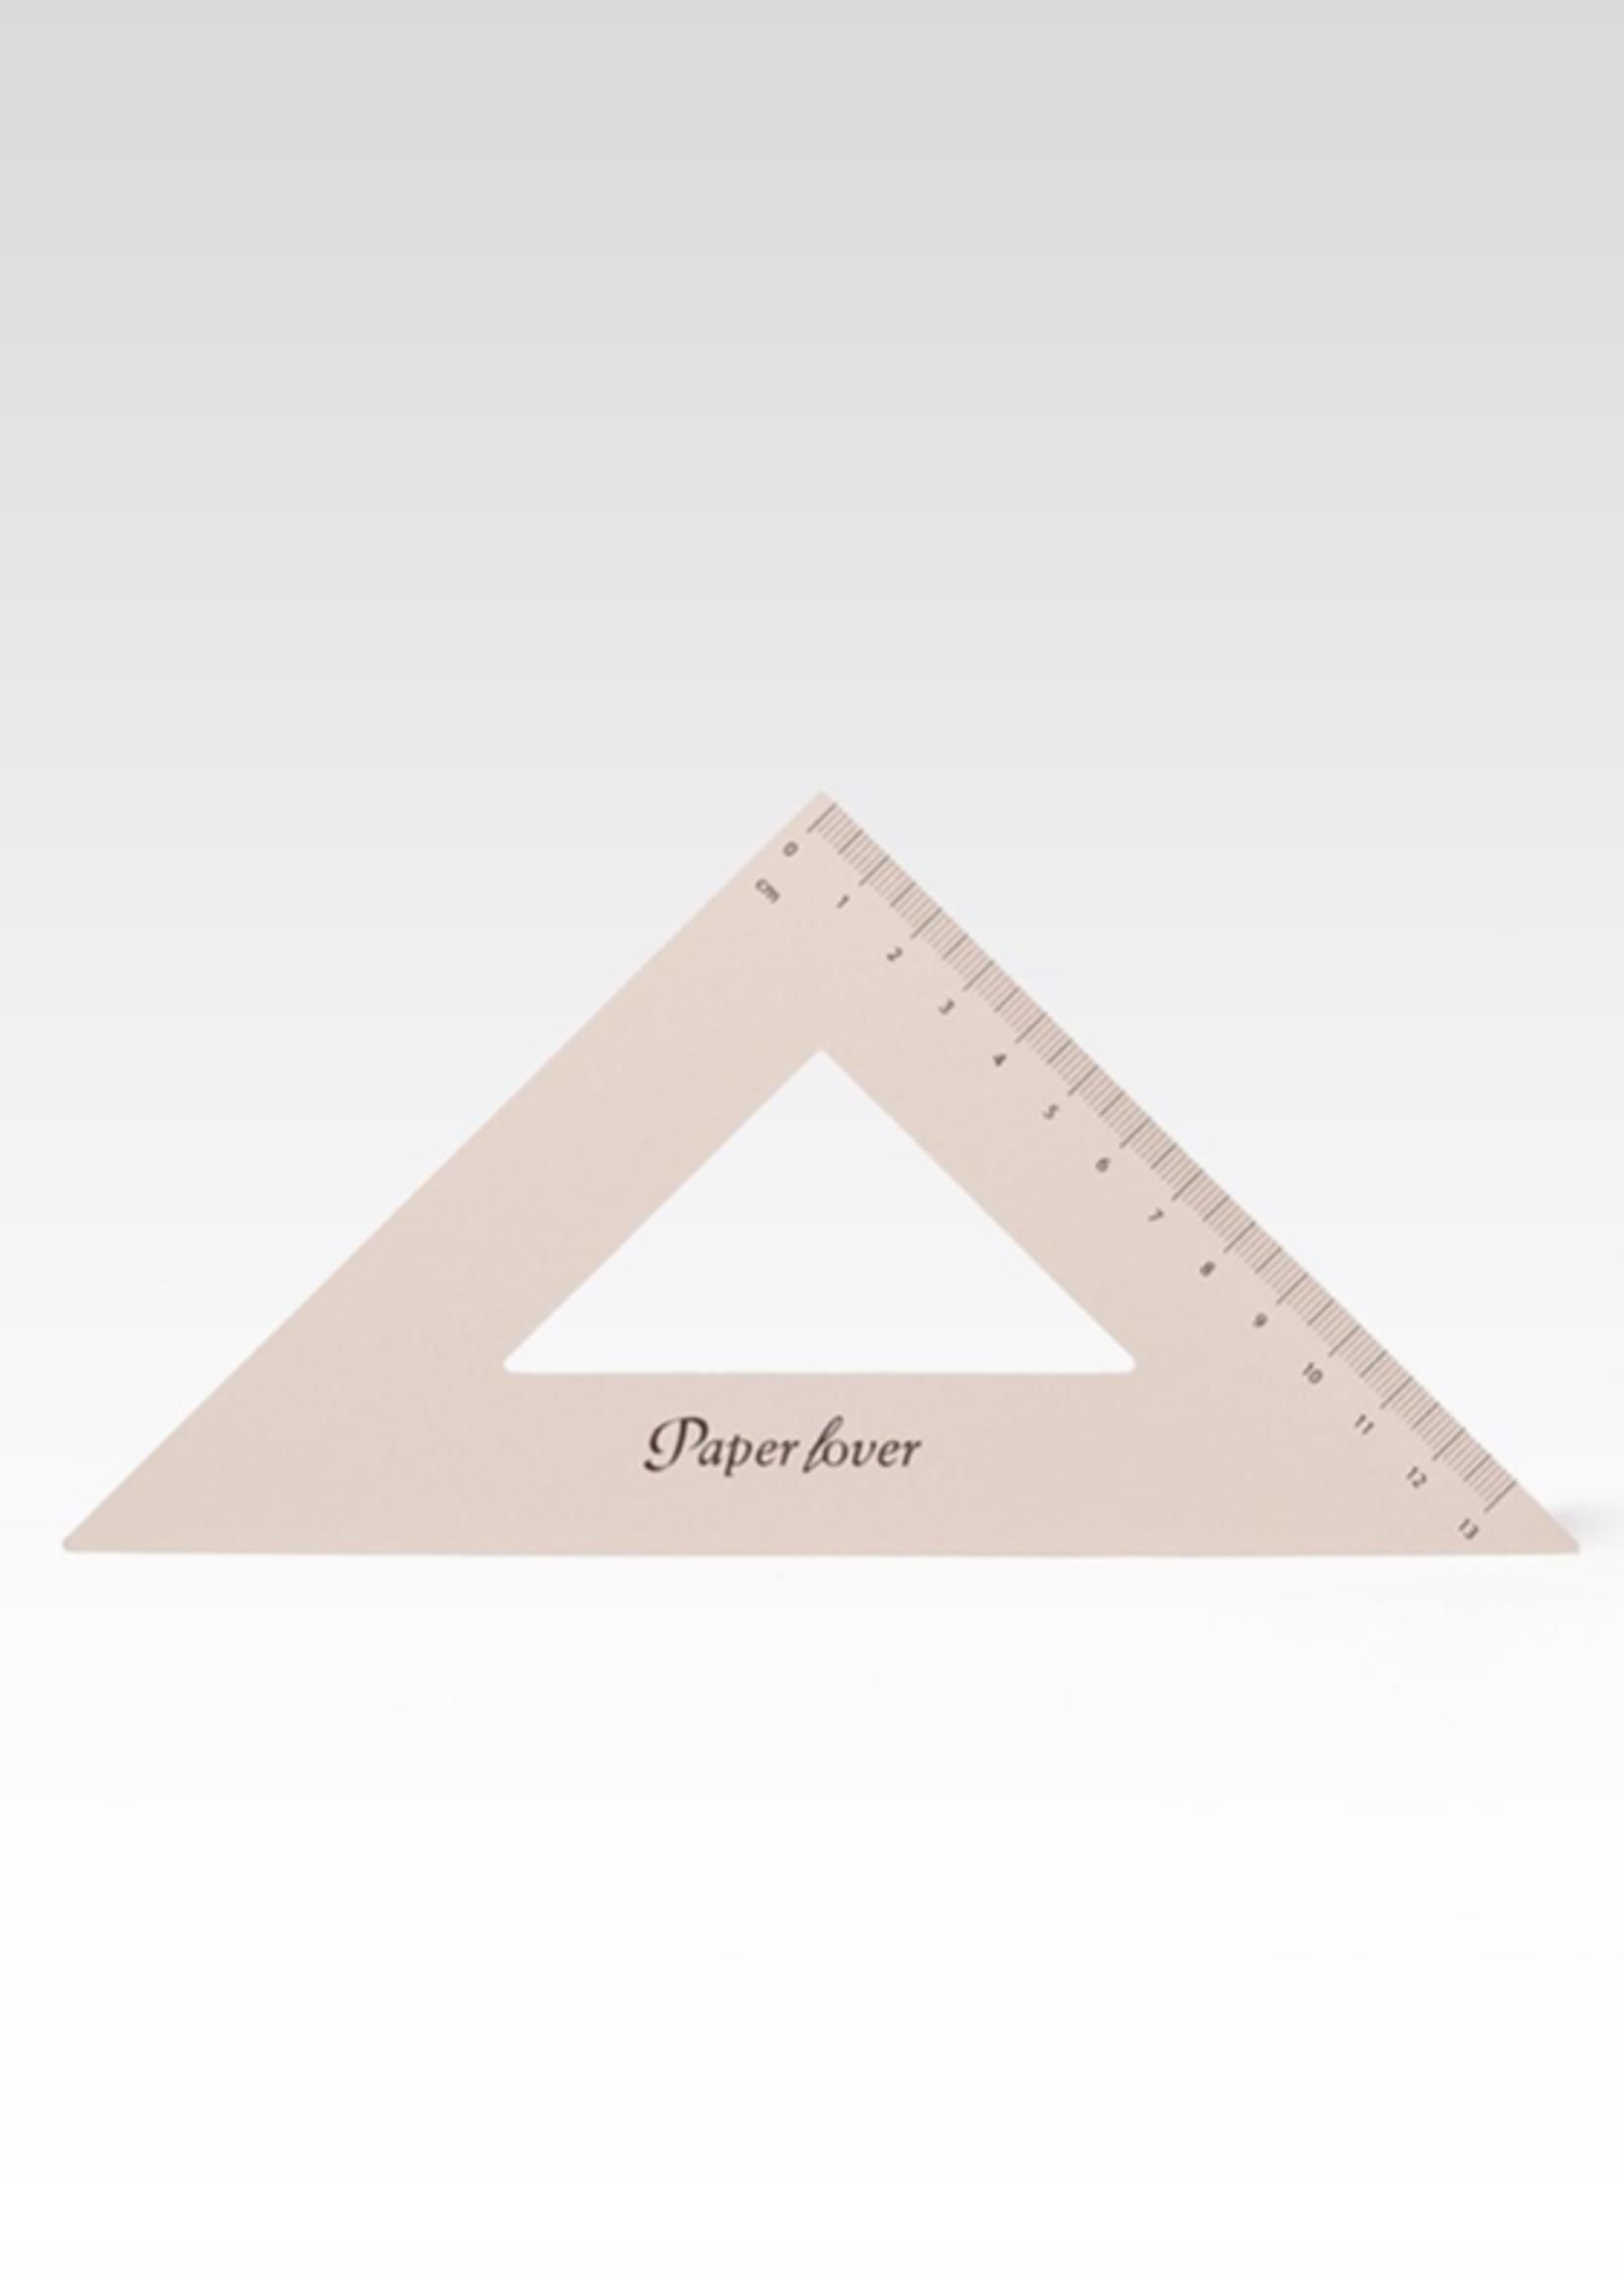 Fabriano Fabriano Squadretta 45 Triangle Ruler